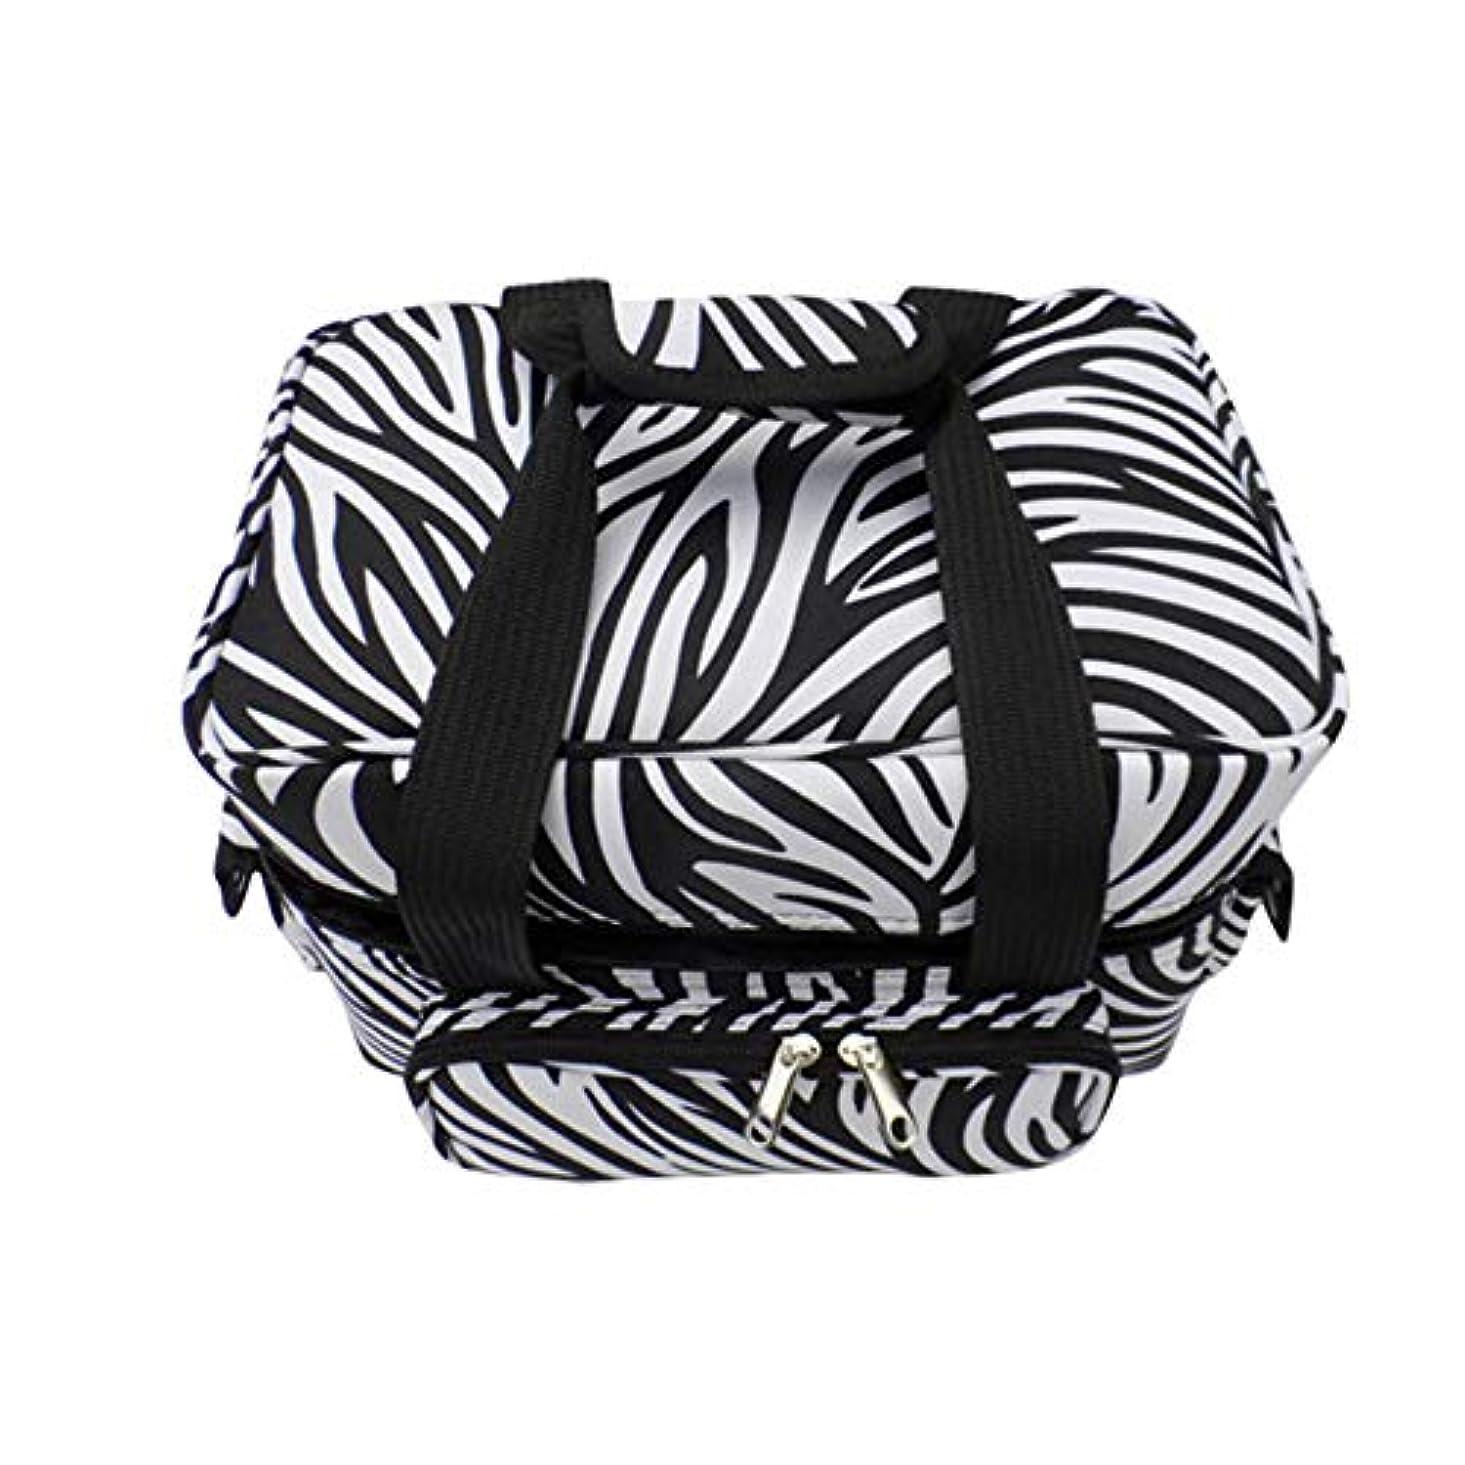 エクスタシーナイトスポット天使化粧オーガナイザーバッグ ゼブラストライプポータブル化粧品バッグ美容メイクアップと女の子女性旅行とジッパーとトレイで毎日のストレージ 化粧品ケース